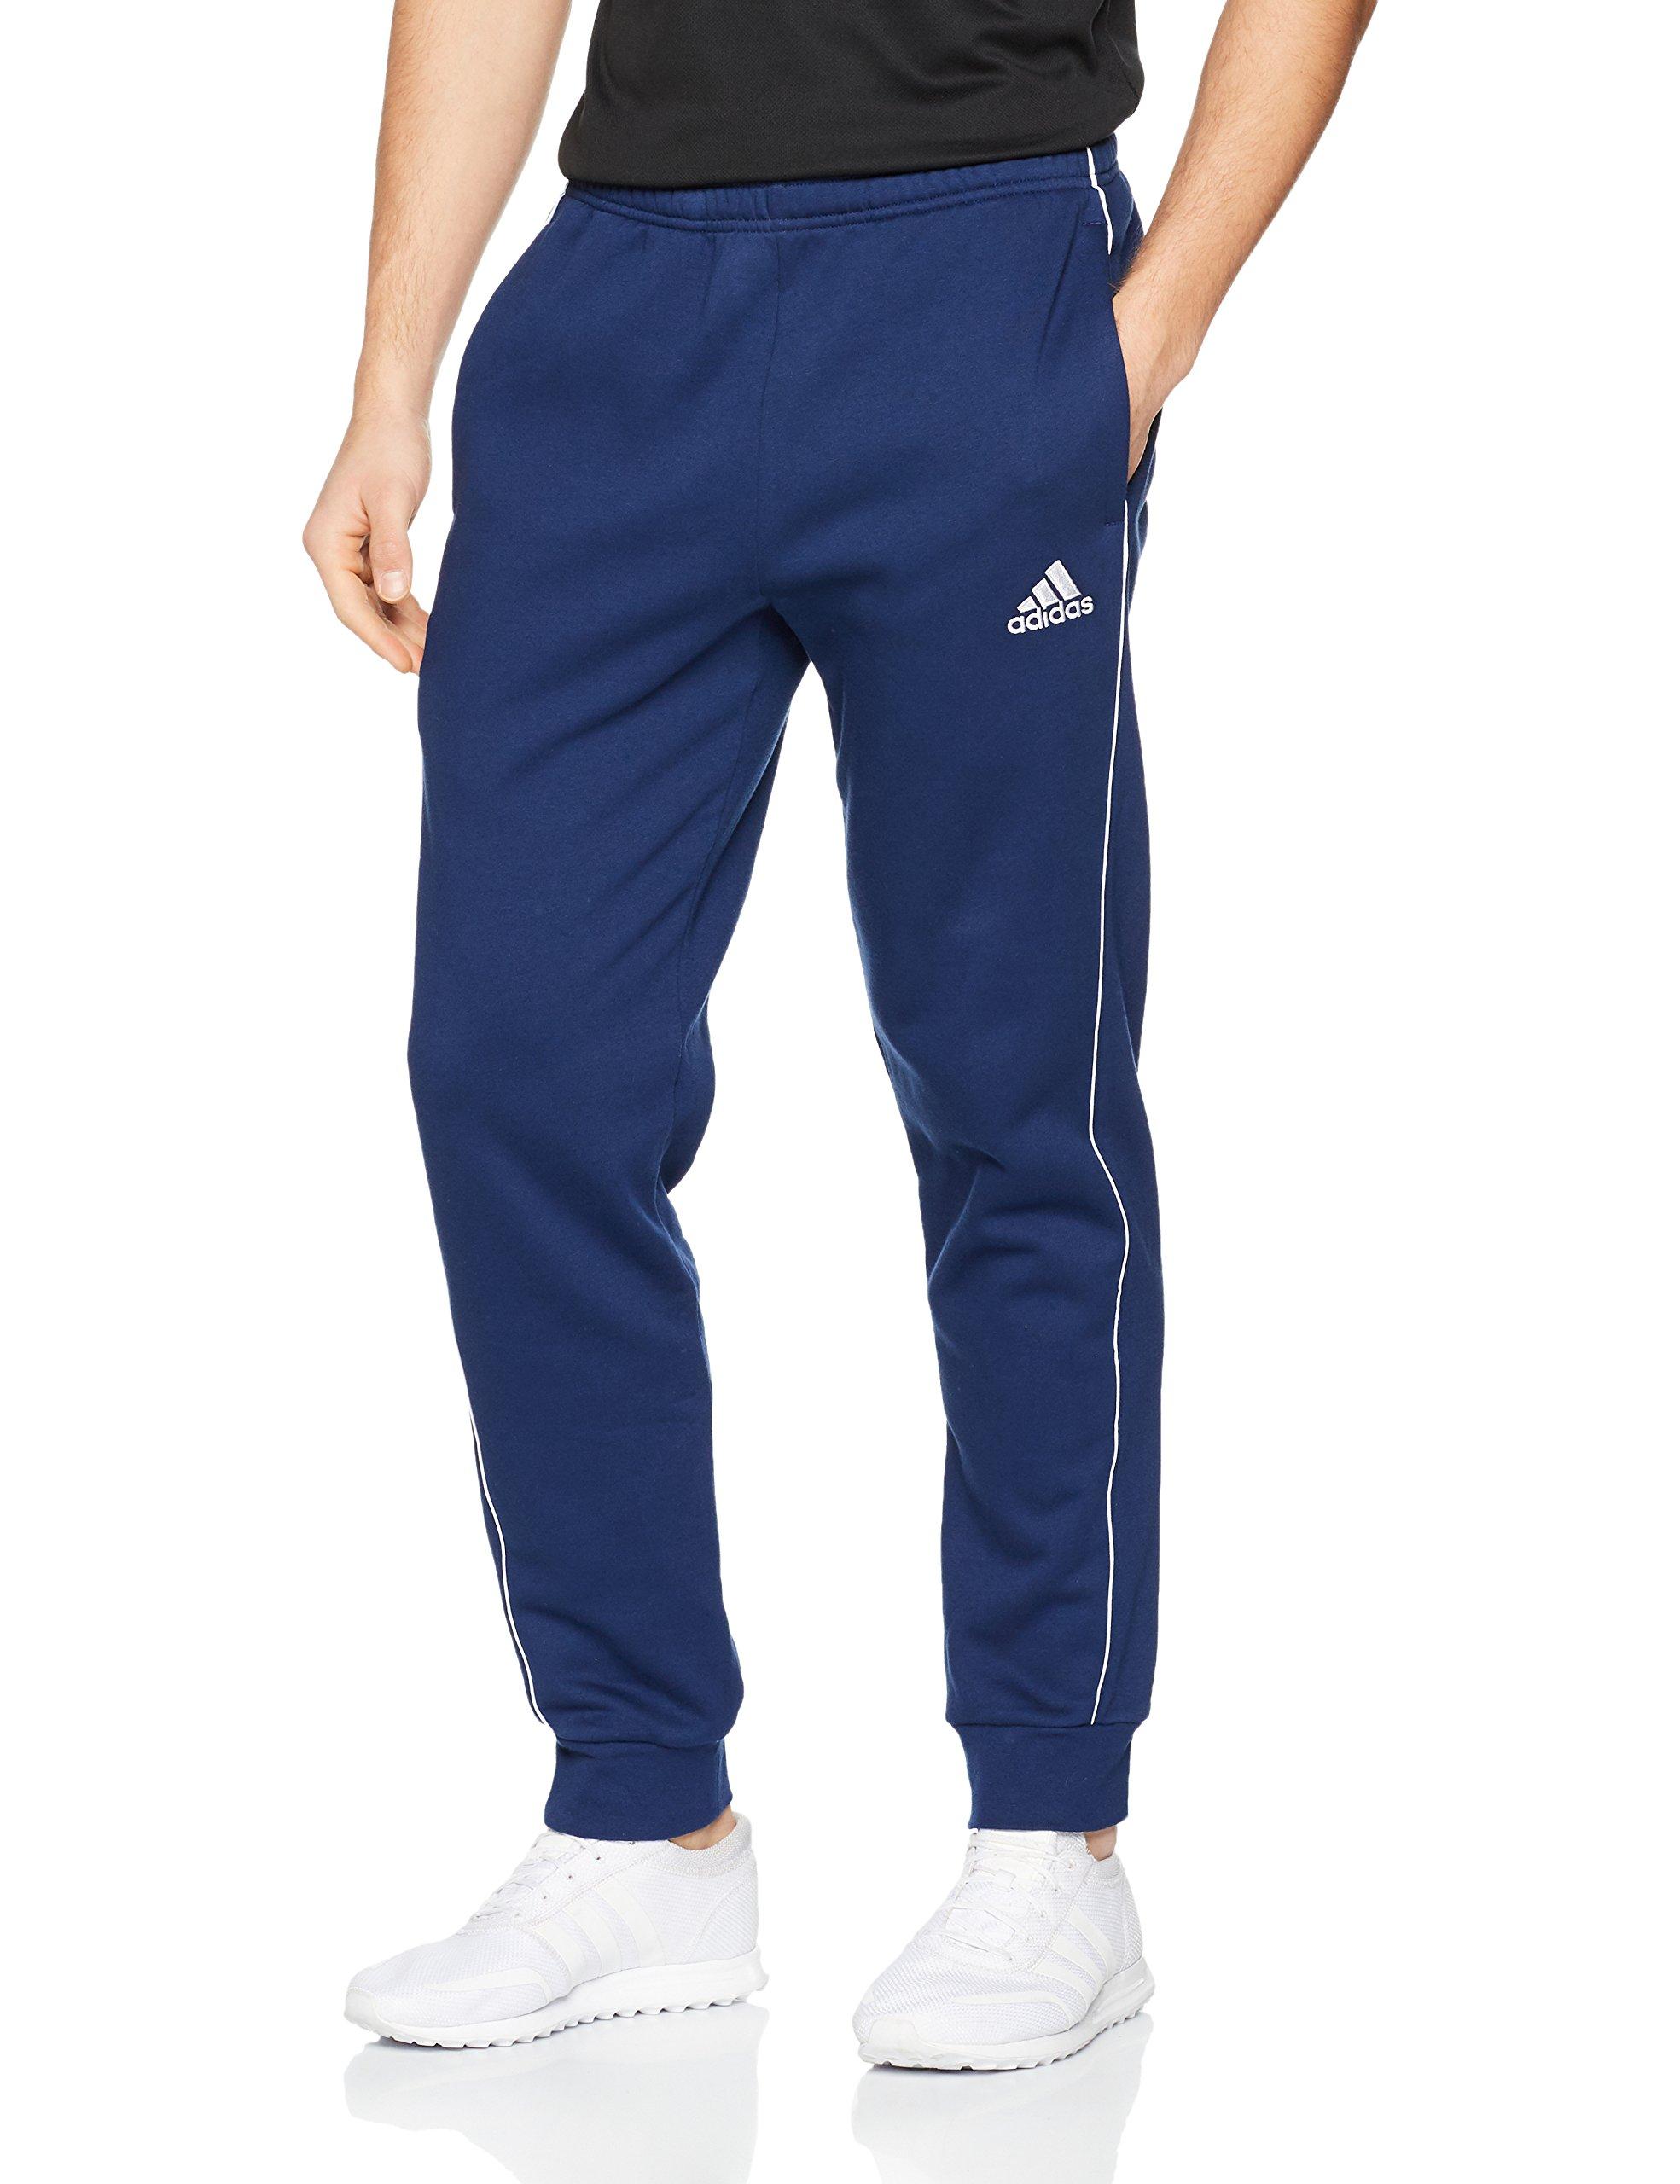 055845a84a467 adidas Core18 Pantalon de survêtement pour Homme product image